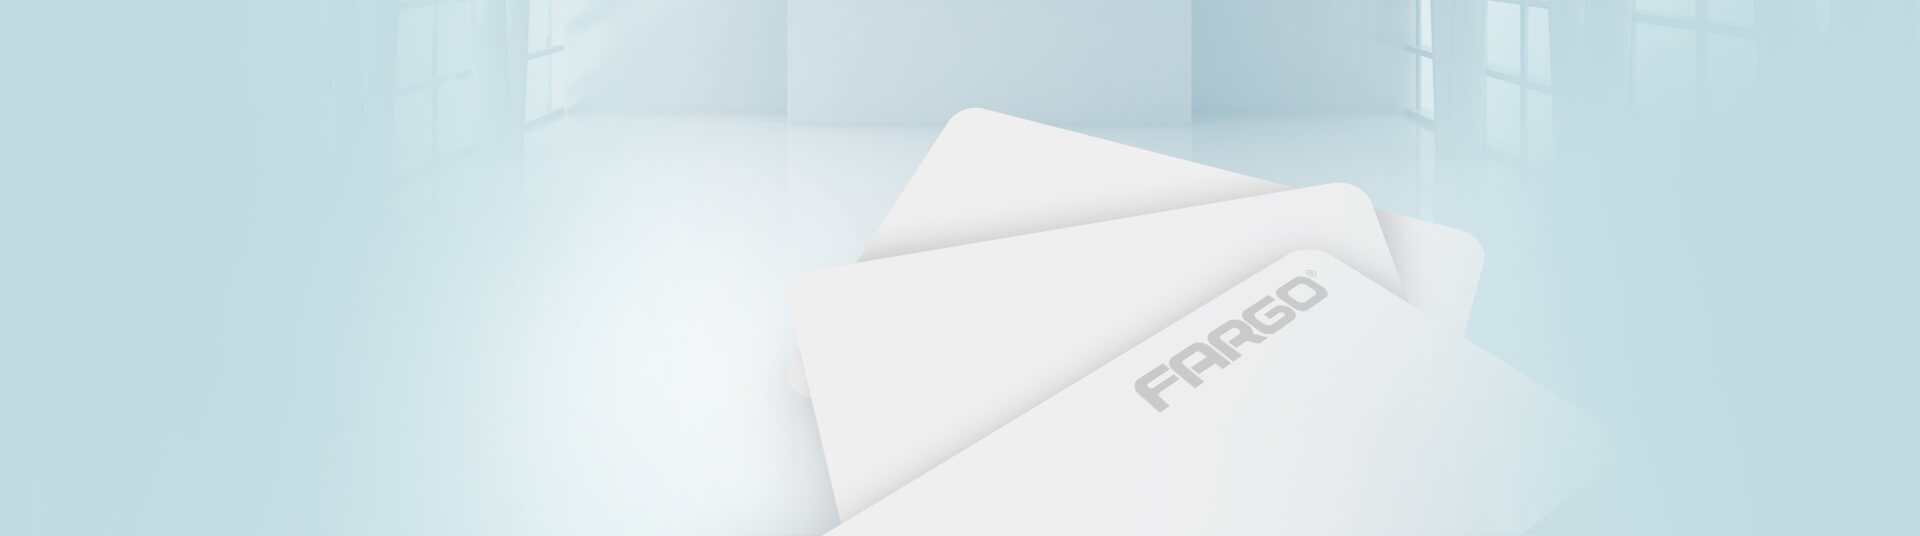 Fargo Blank Cards